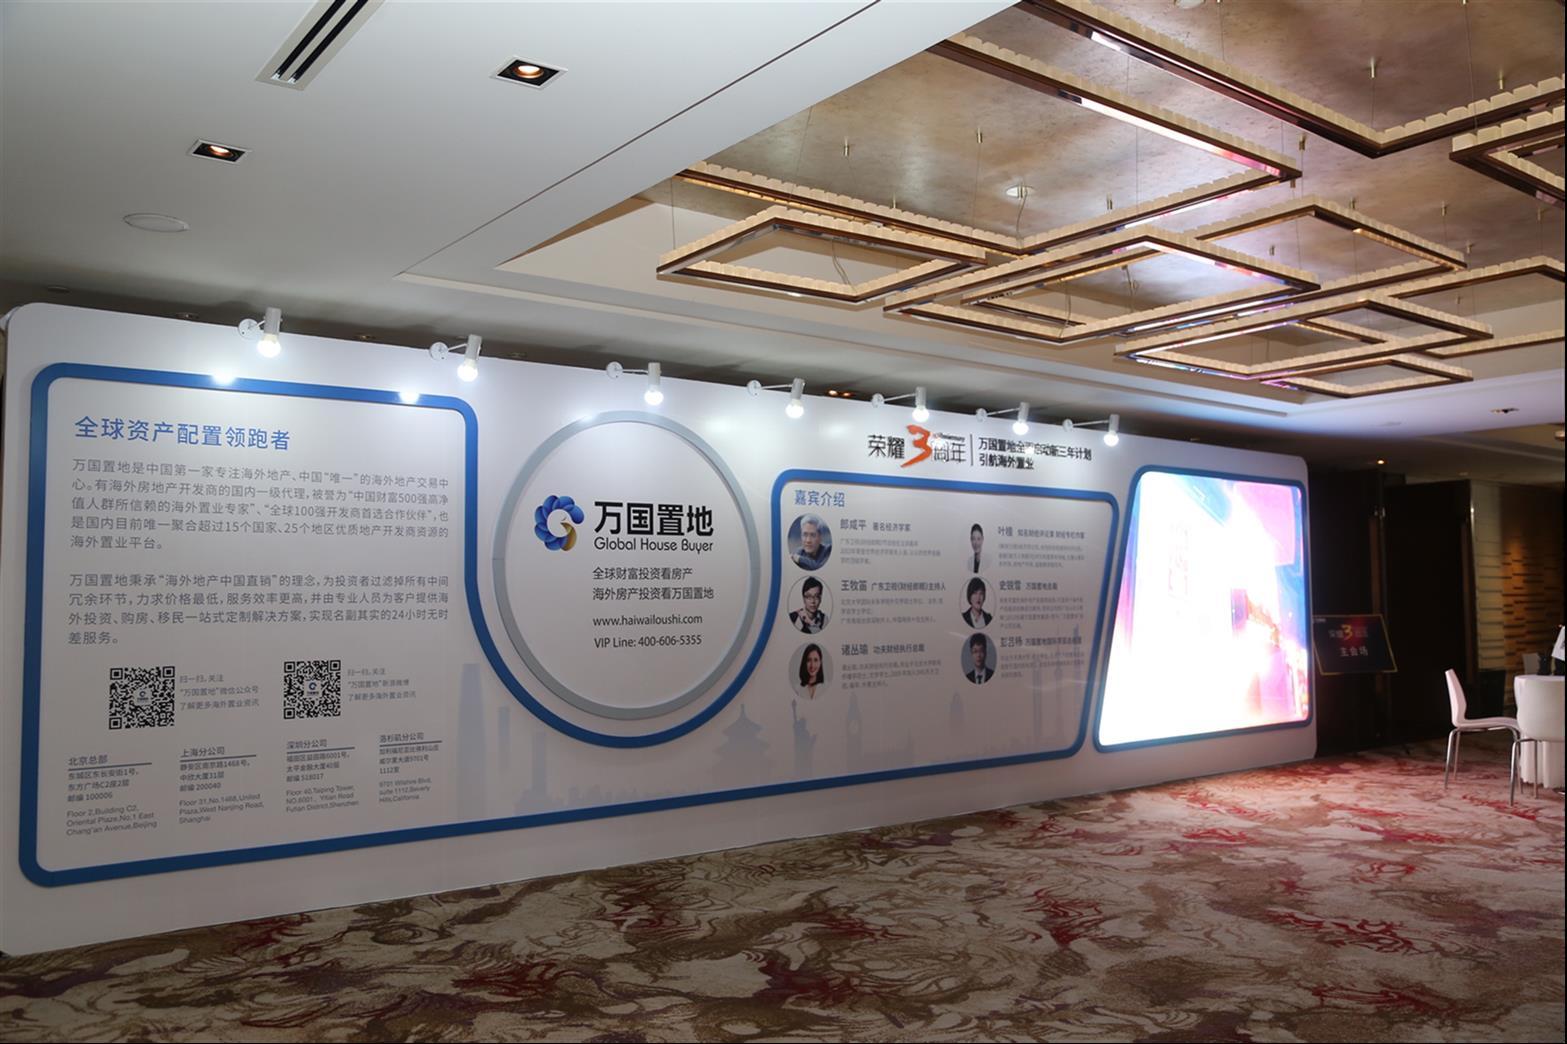 上海小型演唱会舞台桁架租赁公司电话